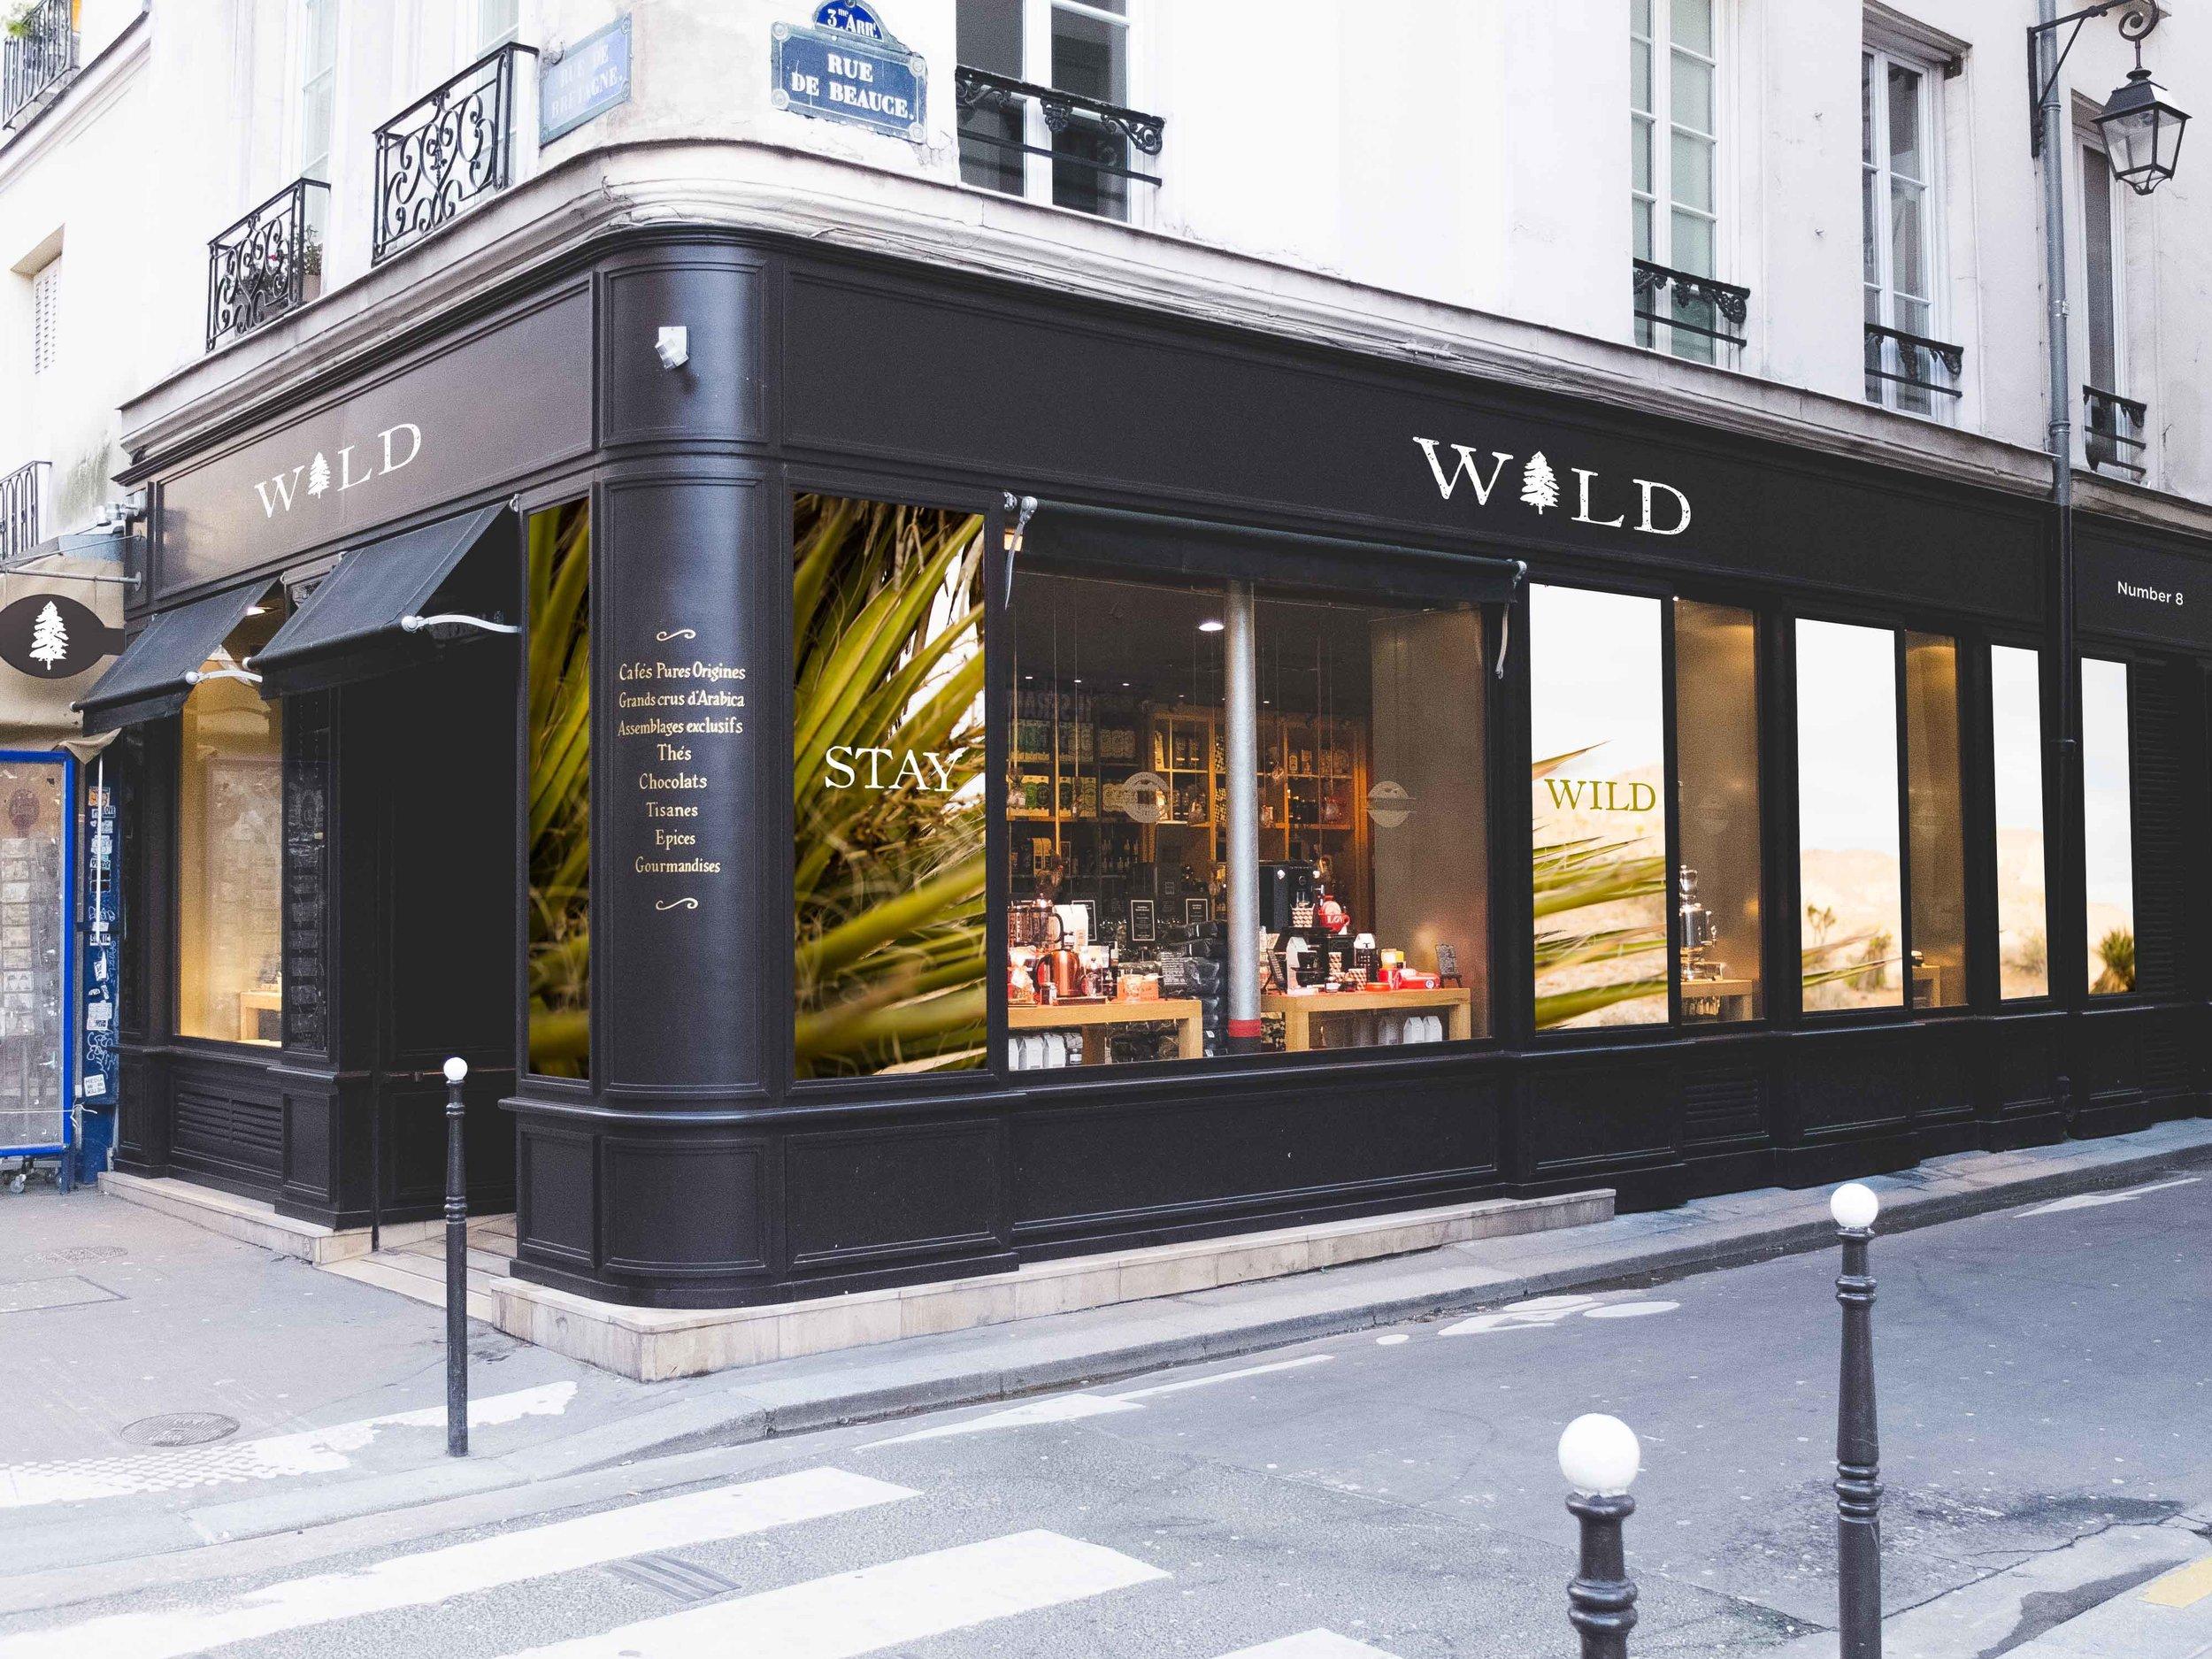 wild-store-front.jpg